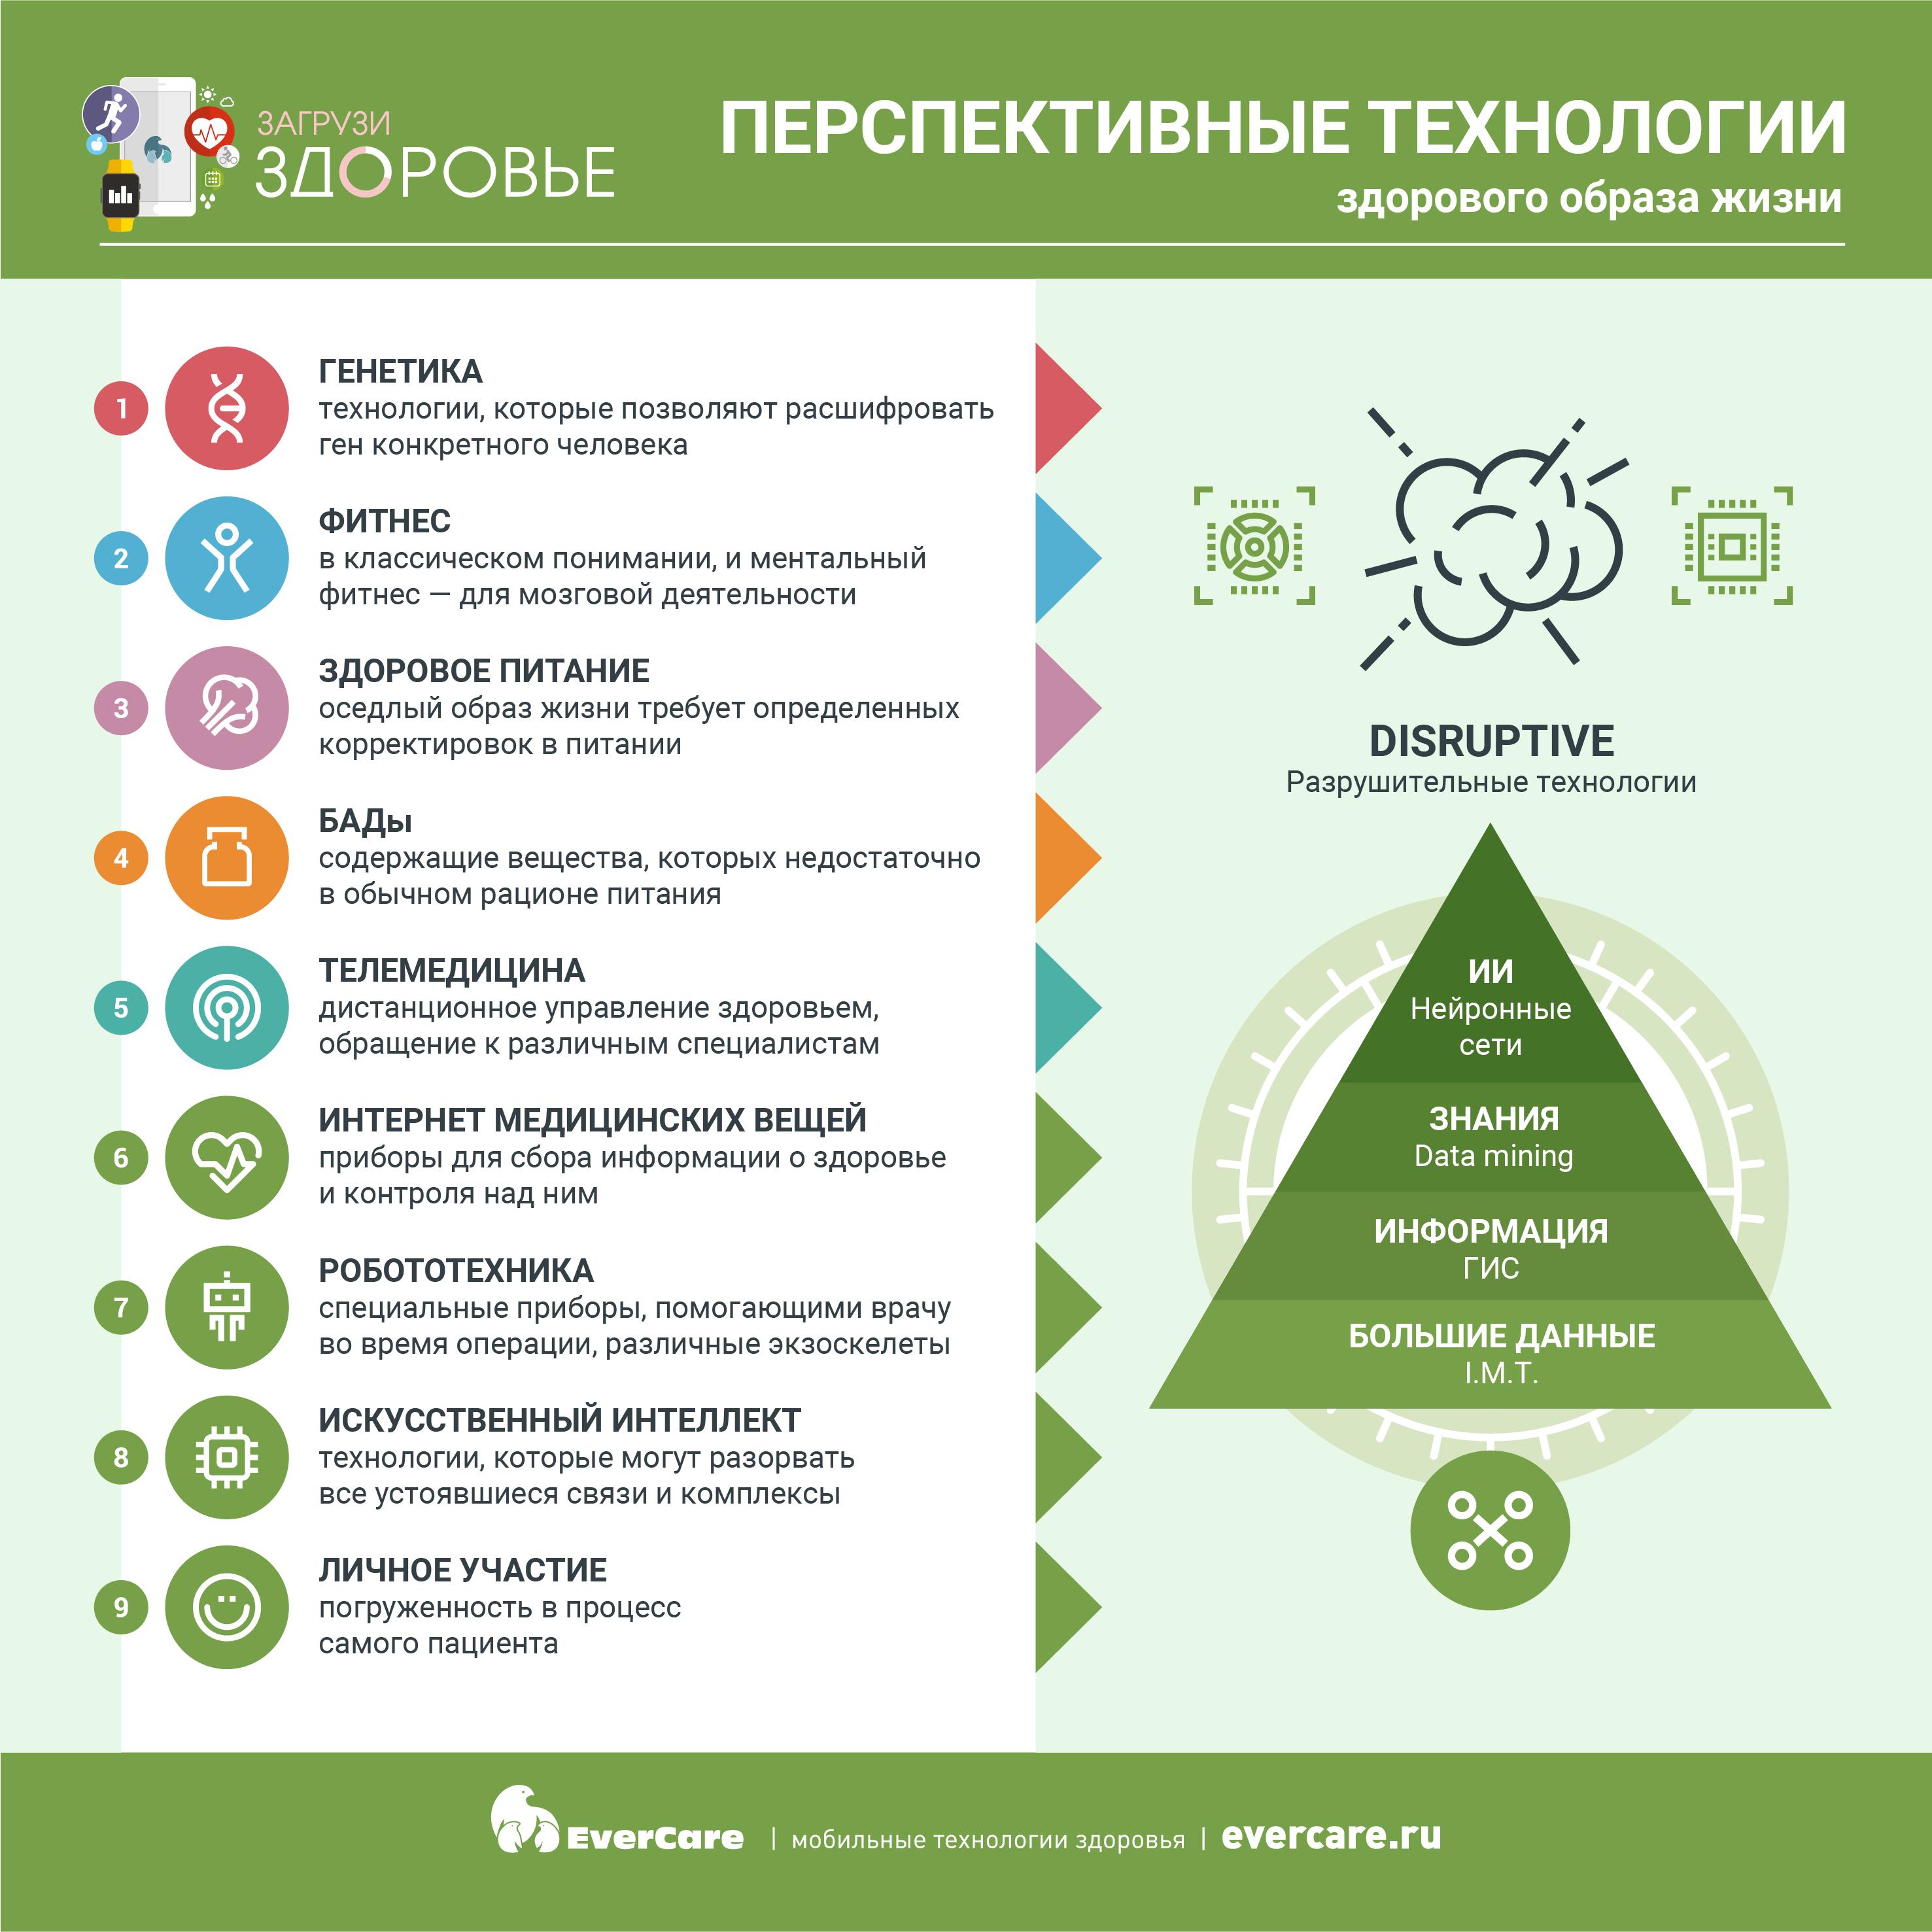 Перспективные технологии здорового образа жизни, Инфографика